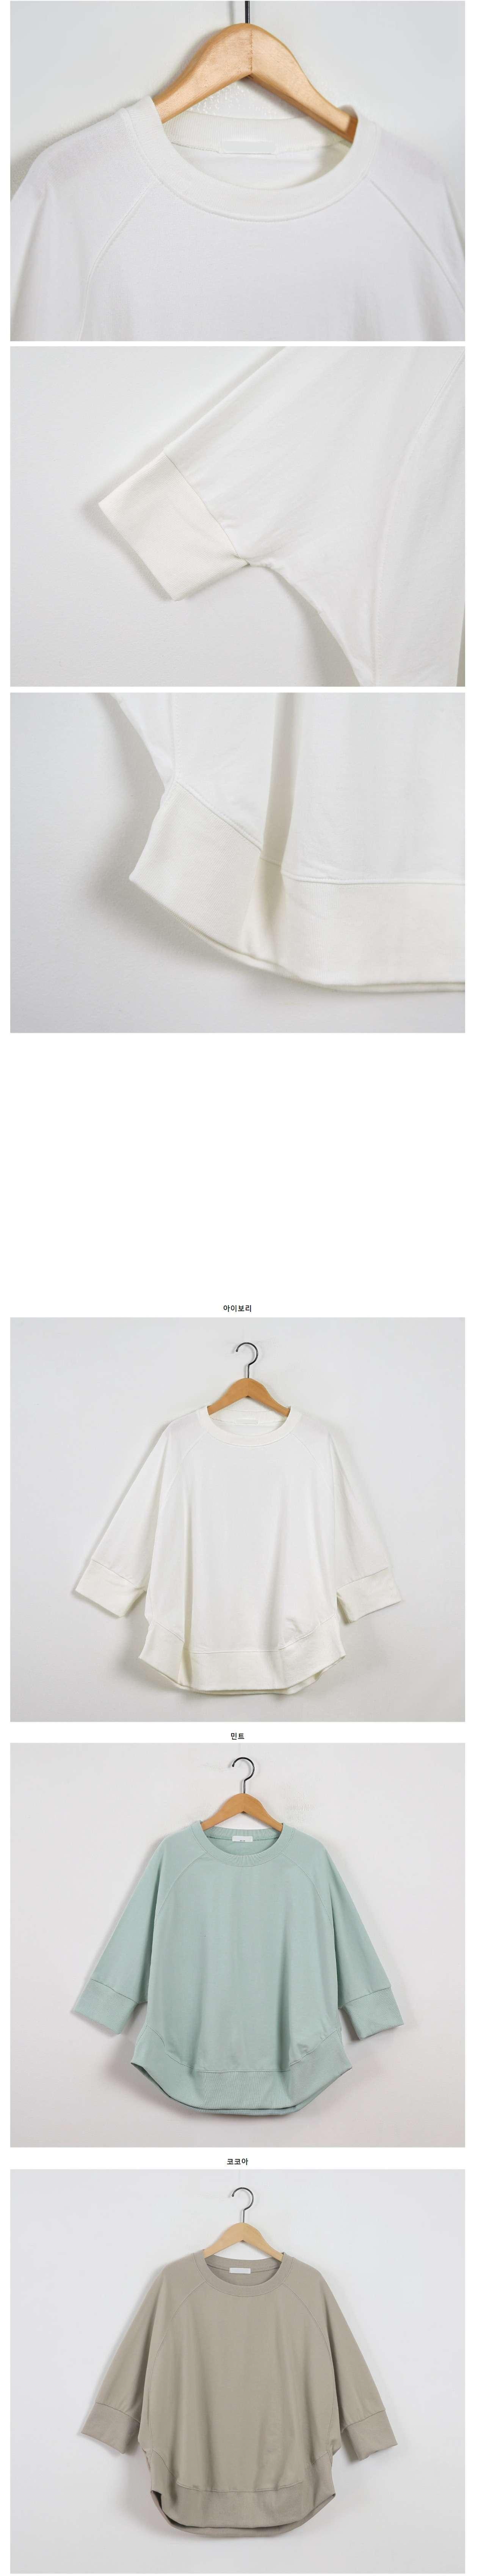 【10/8-10/10限時優惠690 】 bibi 正韓 圓弧顯瘦下擺七分袖連袖上衣【 W3283】